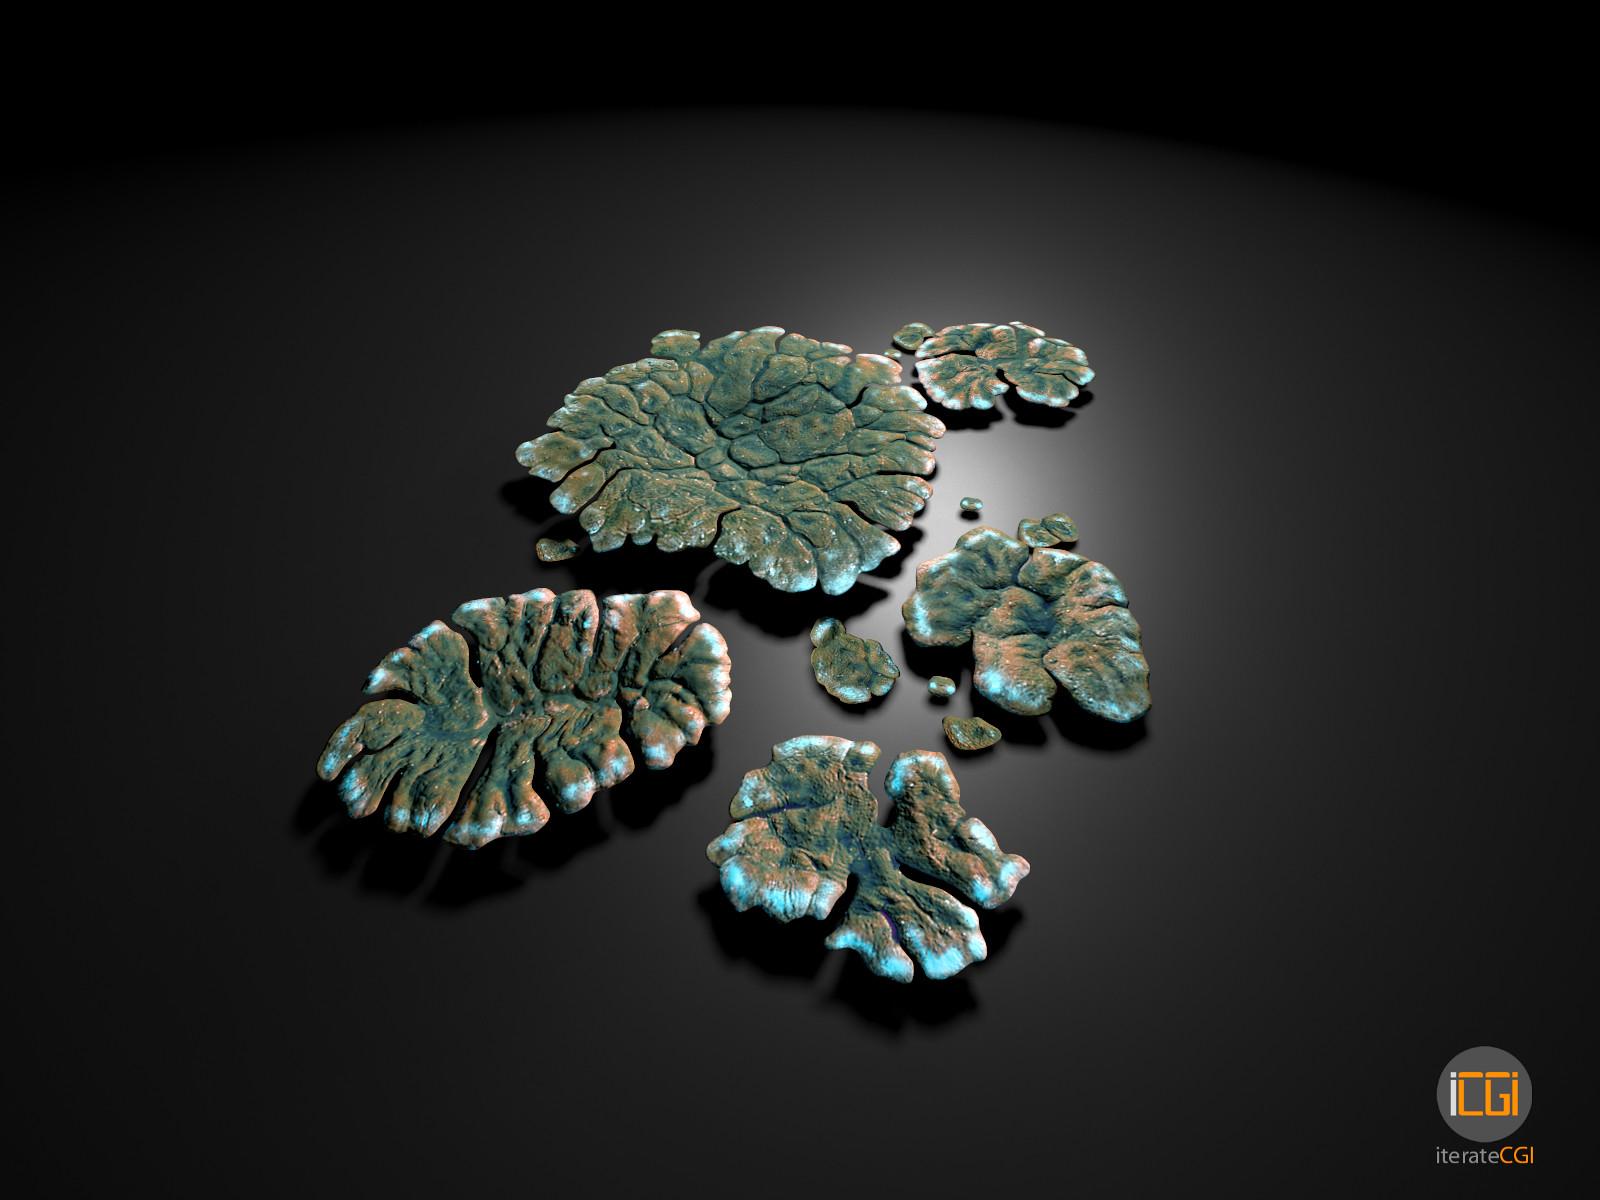 Johan de leenheer alien plant lichen type1 6